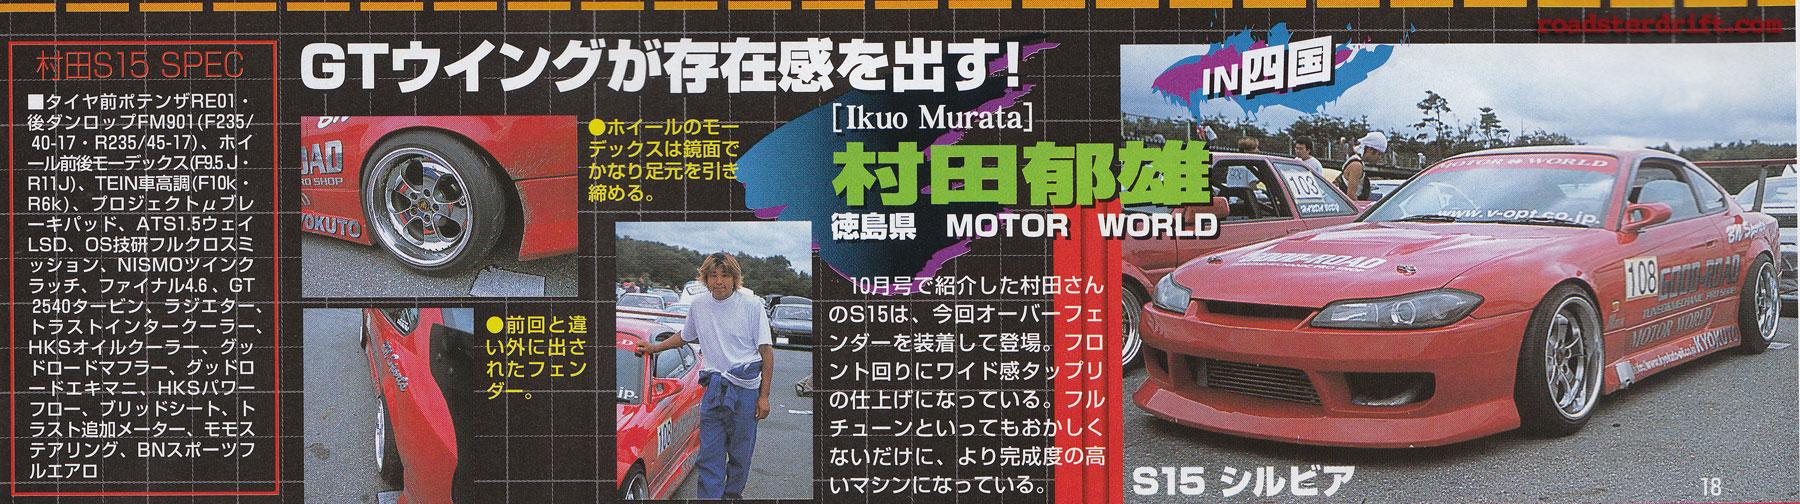 murata_bm_12_01.jpg